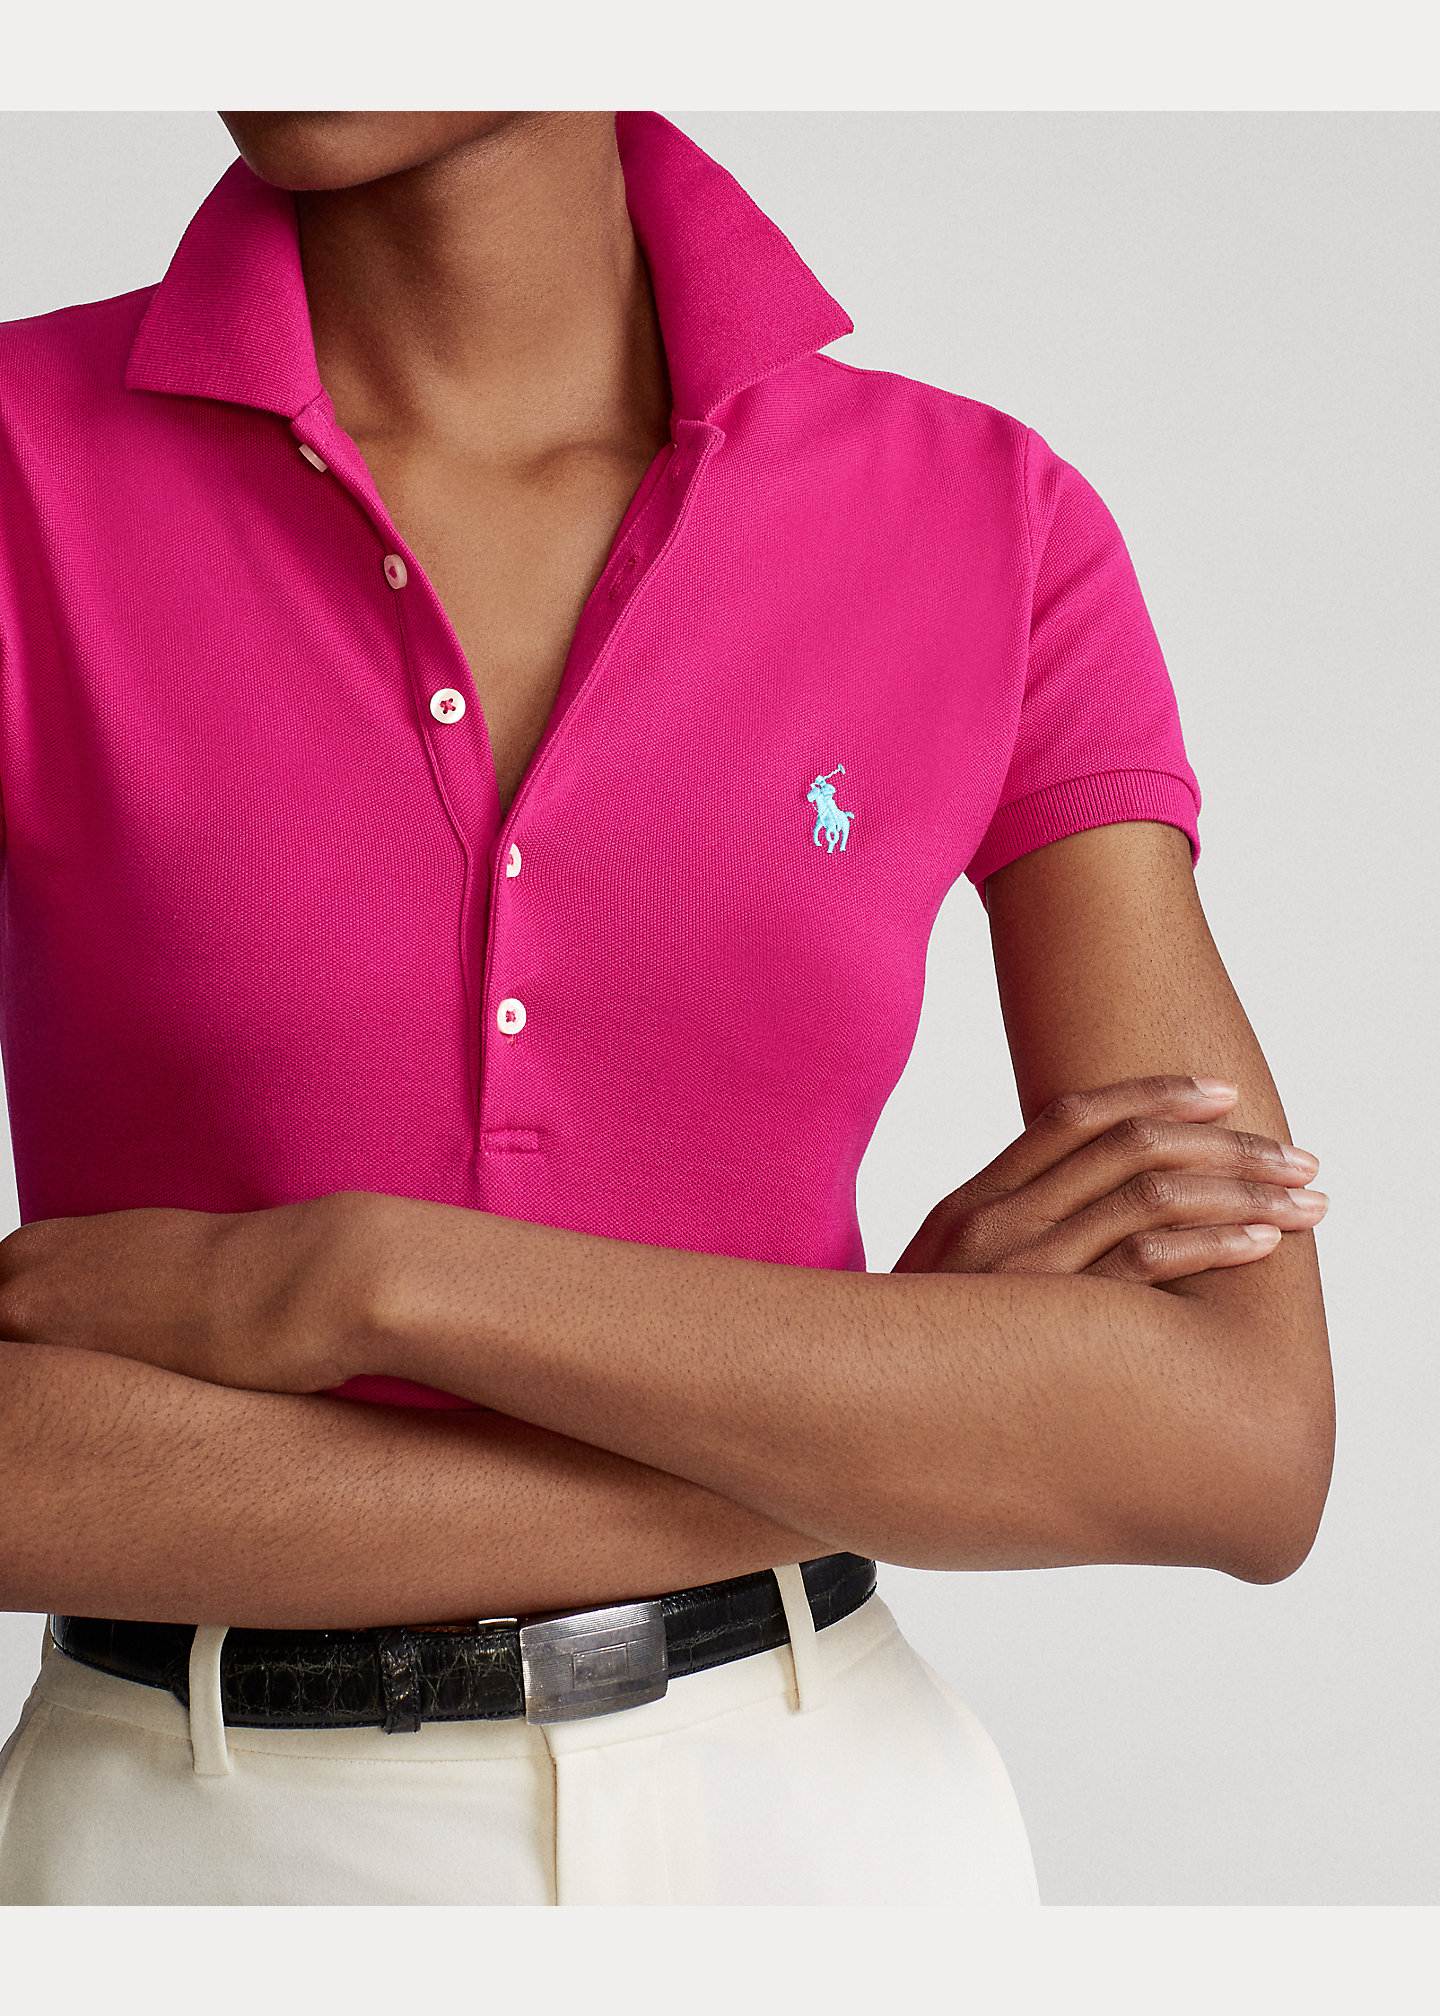 Polo Ralph Lauren POLO RALPH LAUREN | 2 | 211505654159